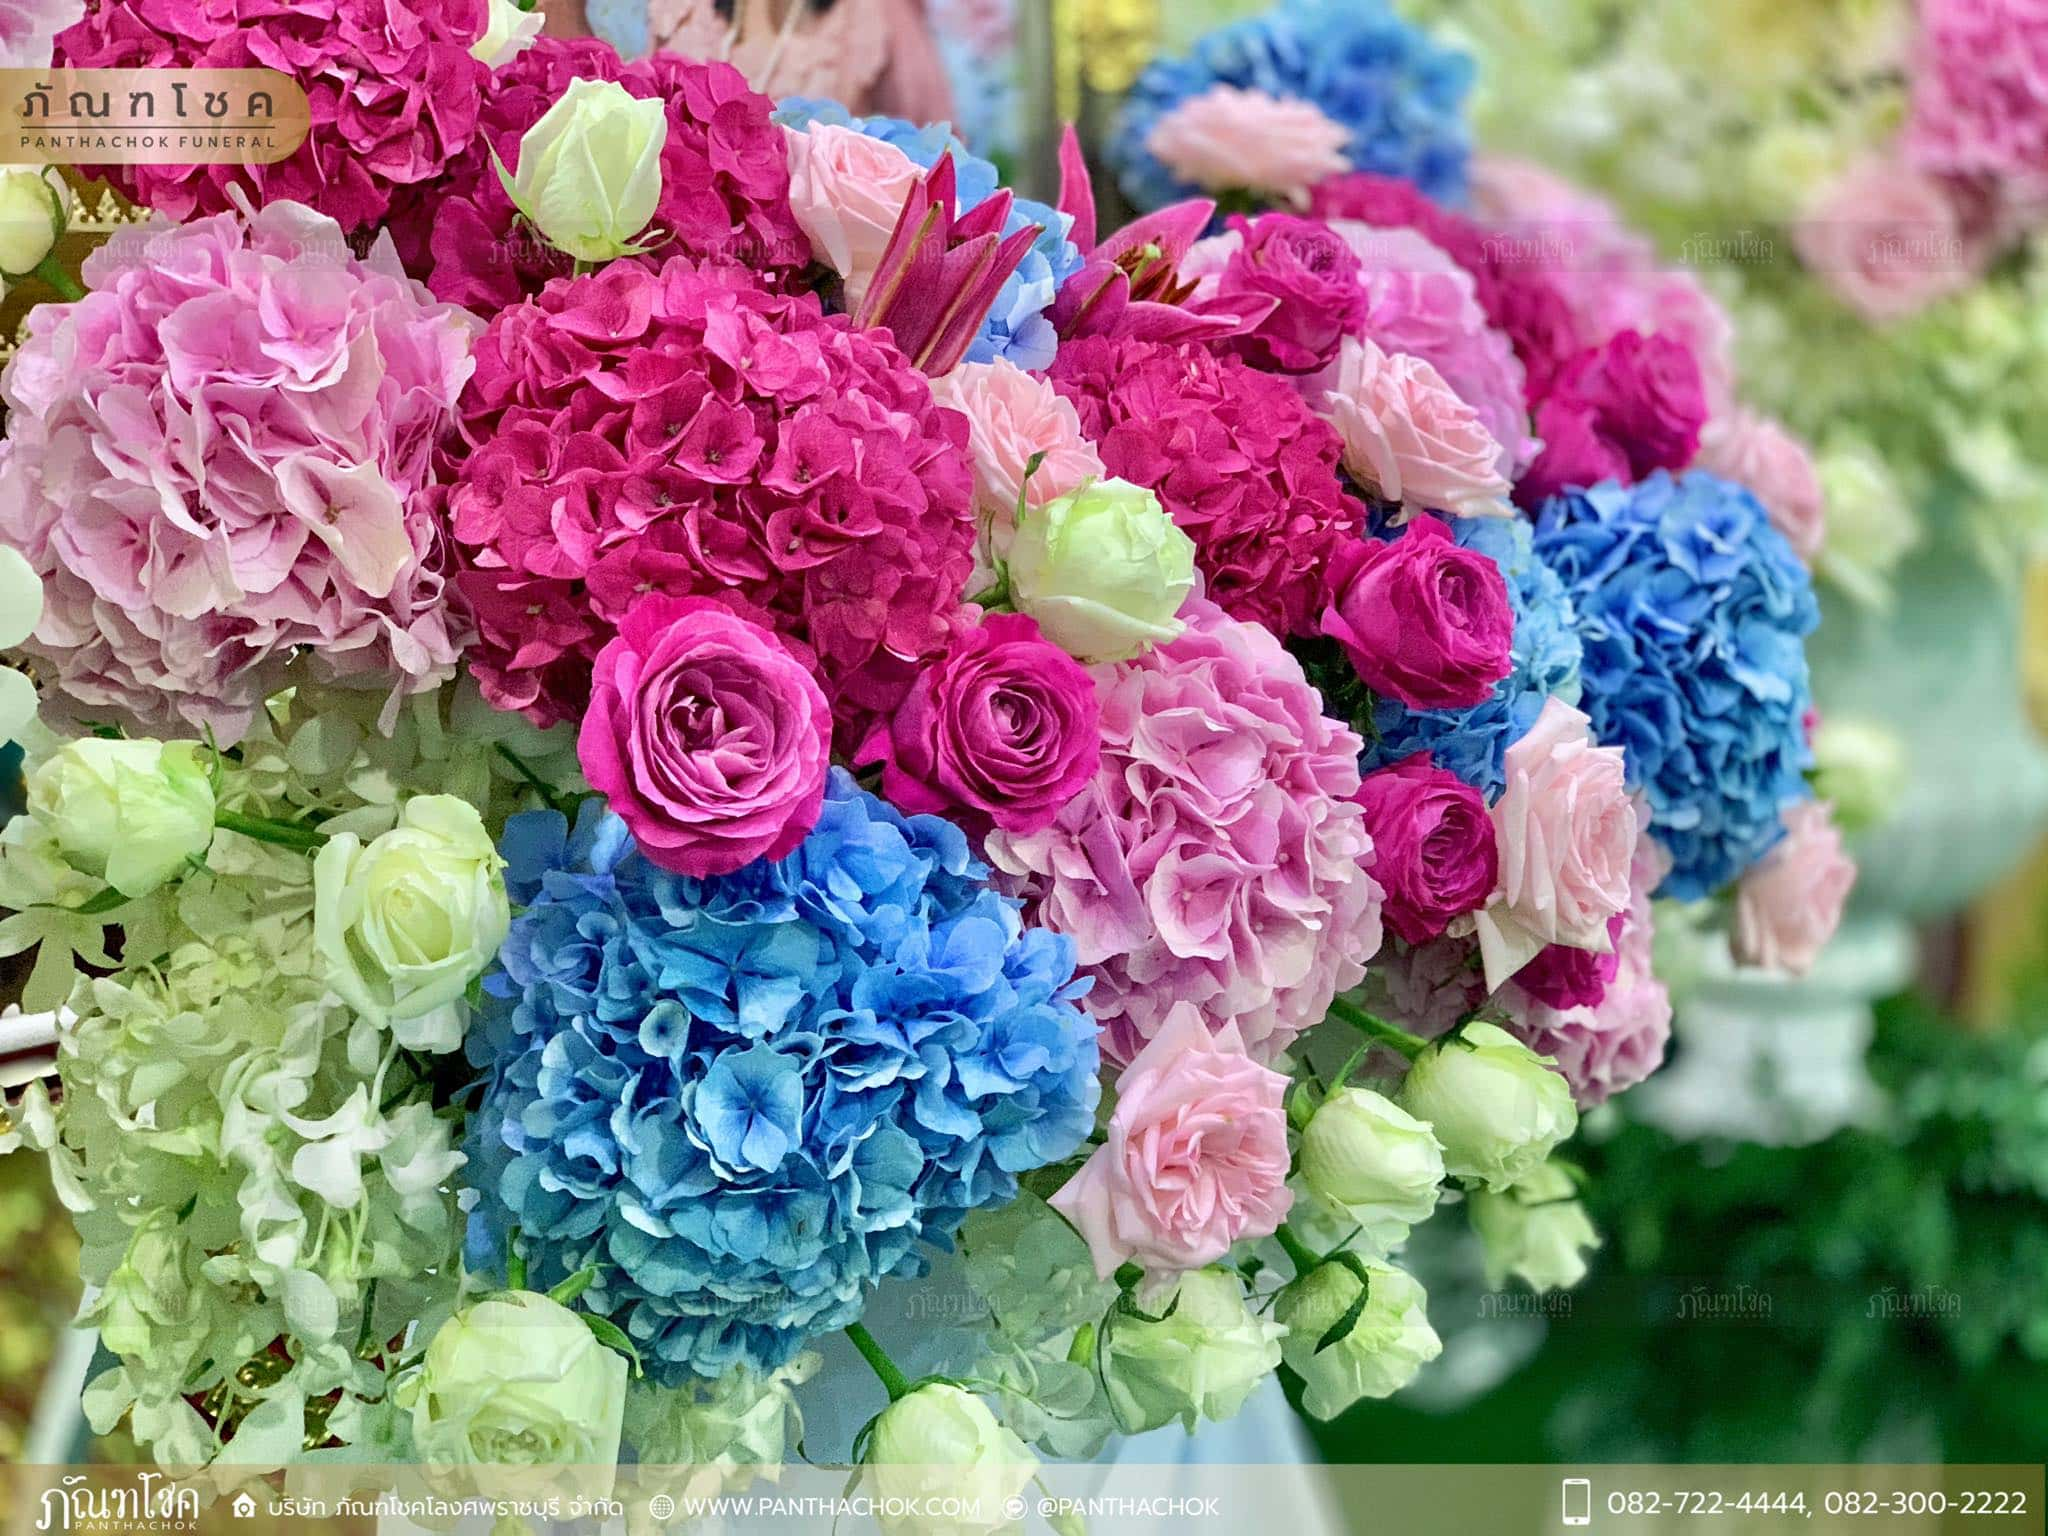 ดอกไม้หน้าหีบสีหวานสดใส ณ วัดหลักสี่ กทม. 3